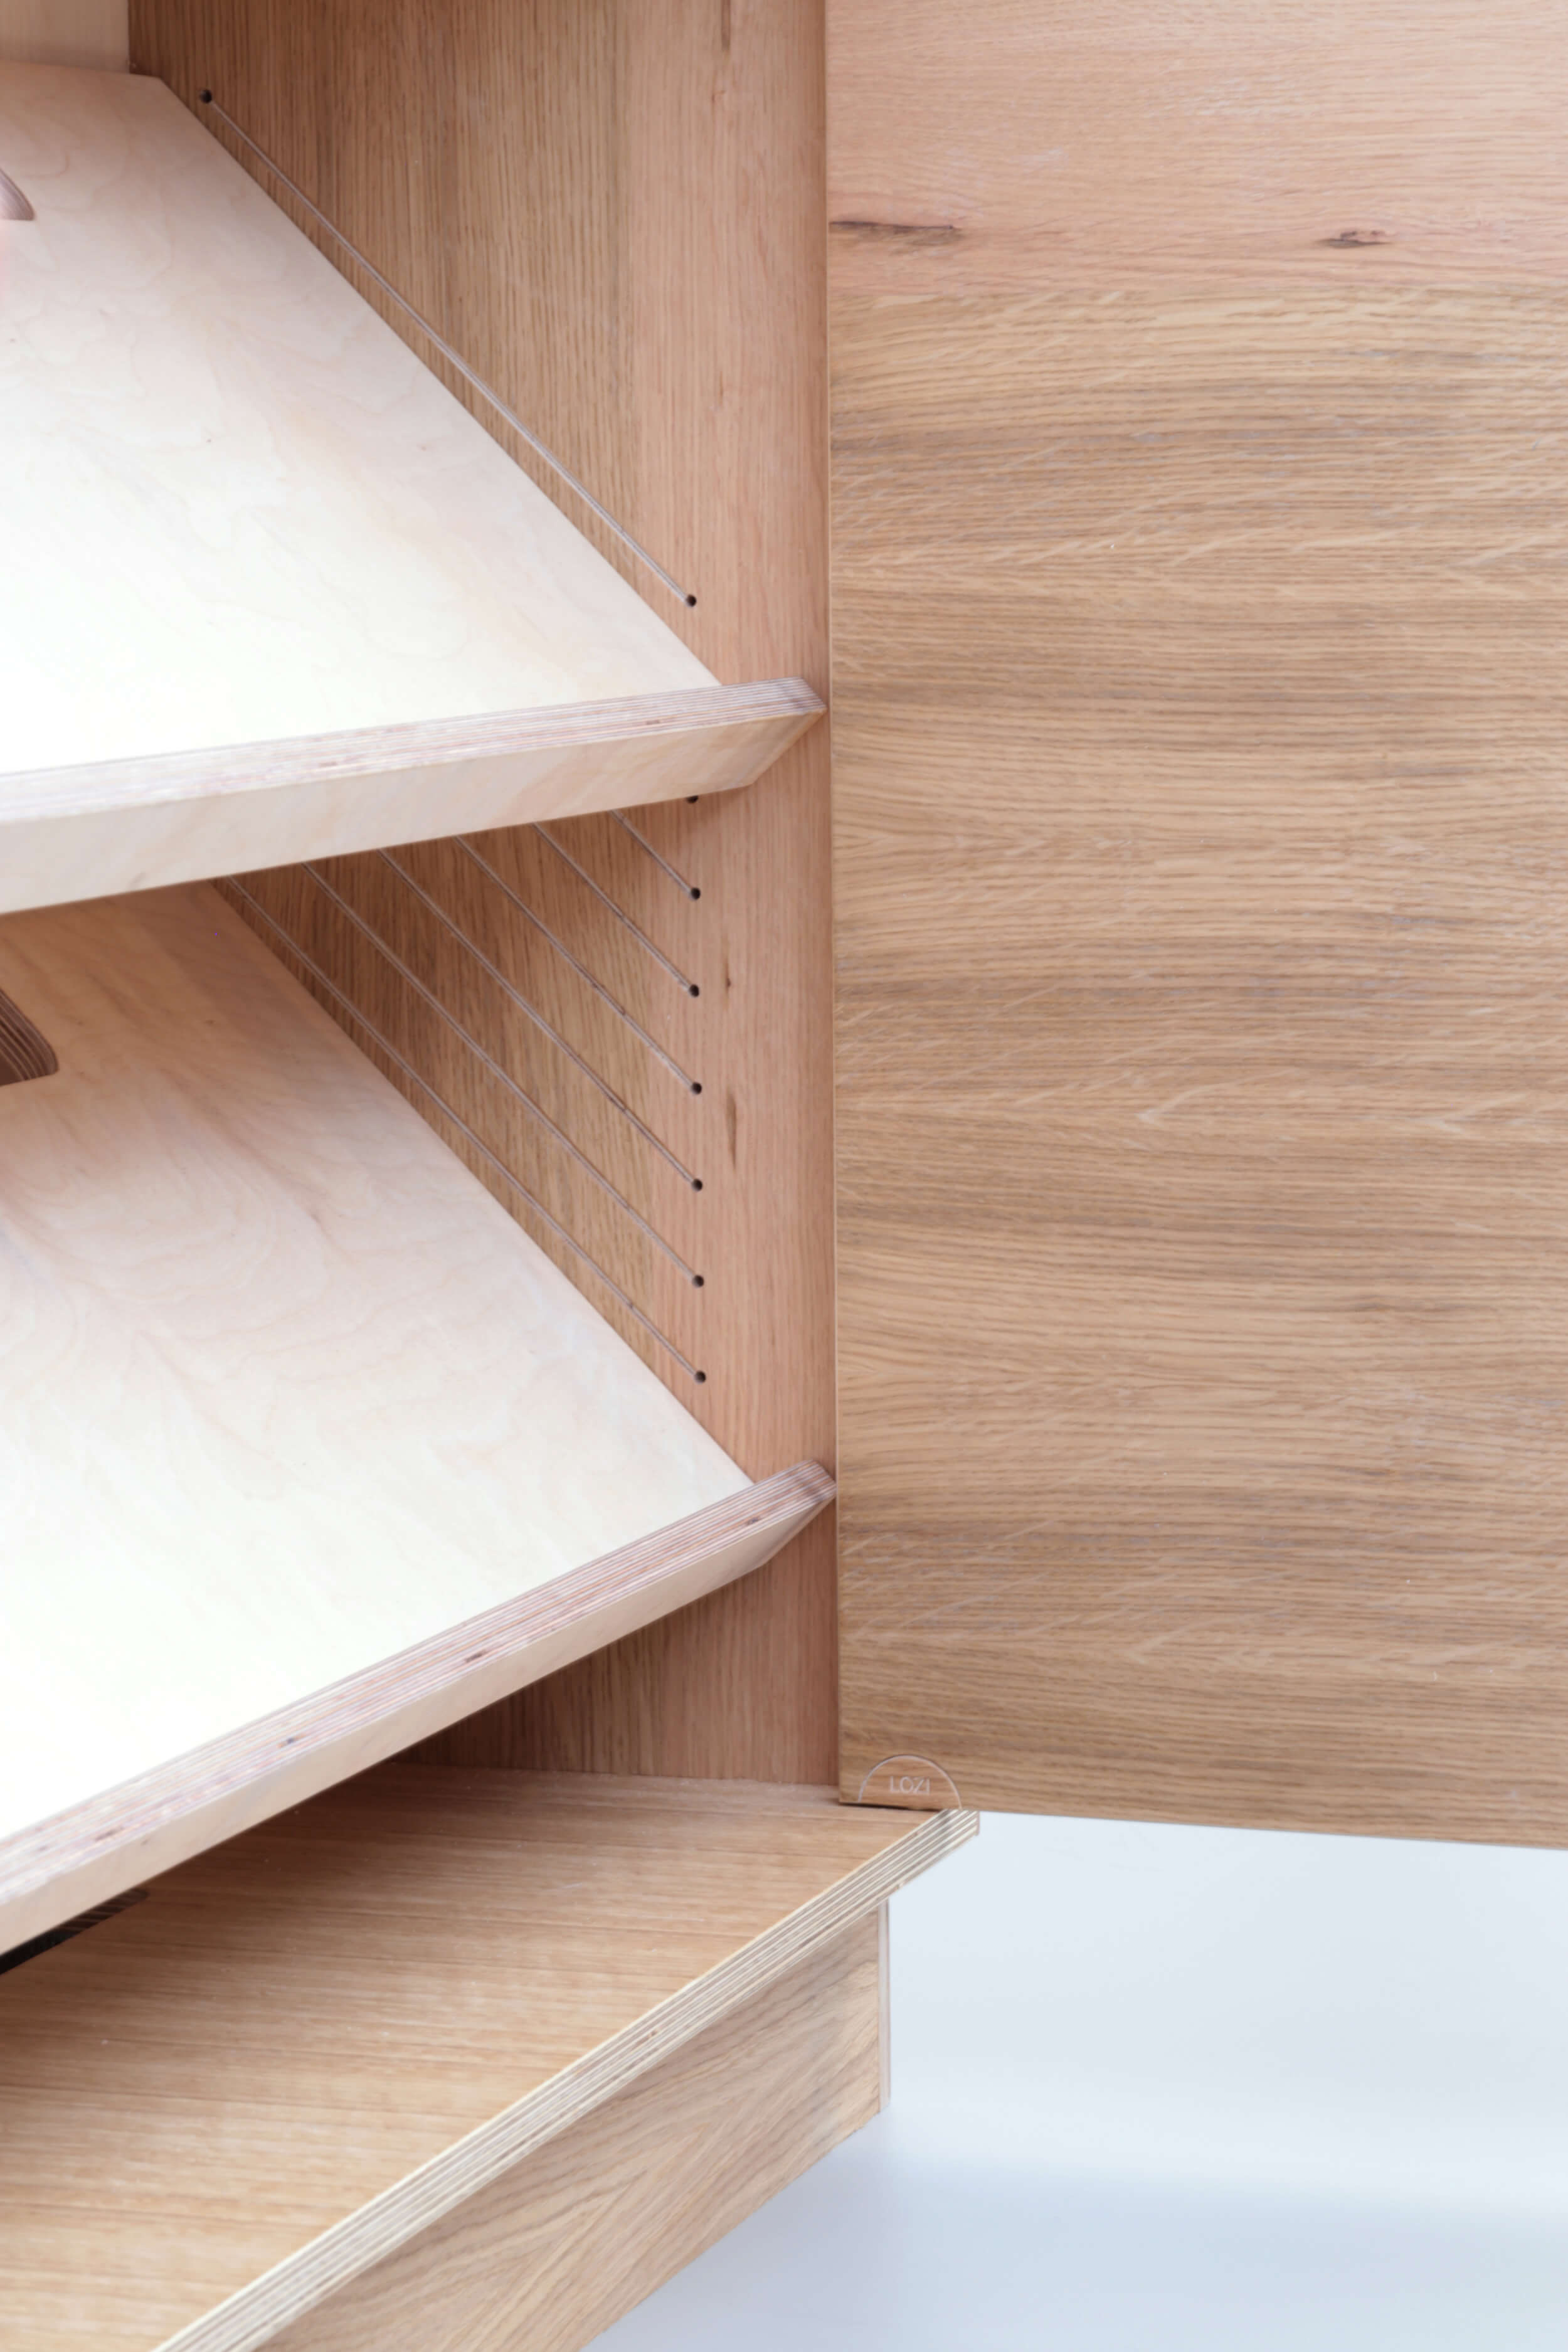 Order 417 - Ewa Turek - Shoe Storage3 WEB.jpg